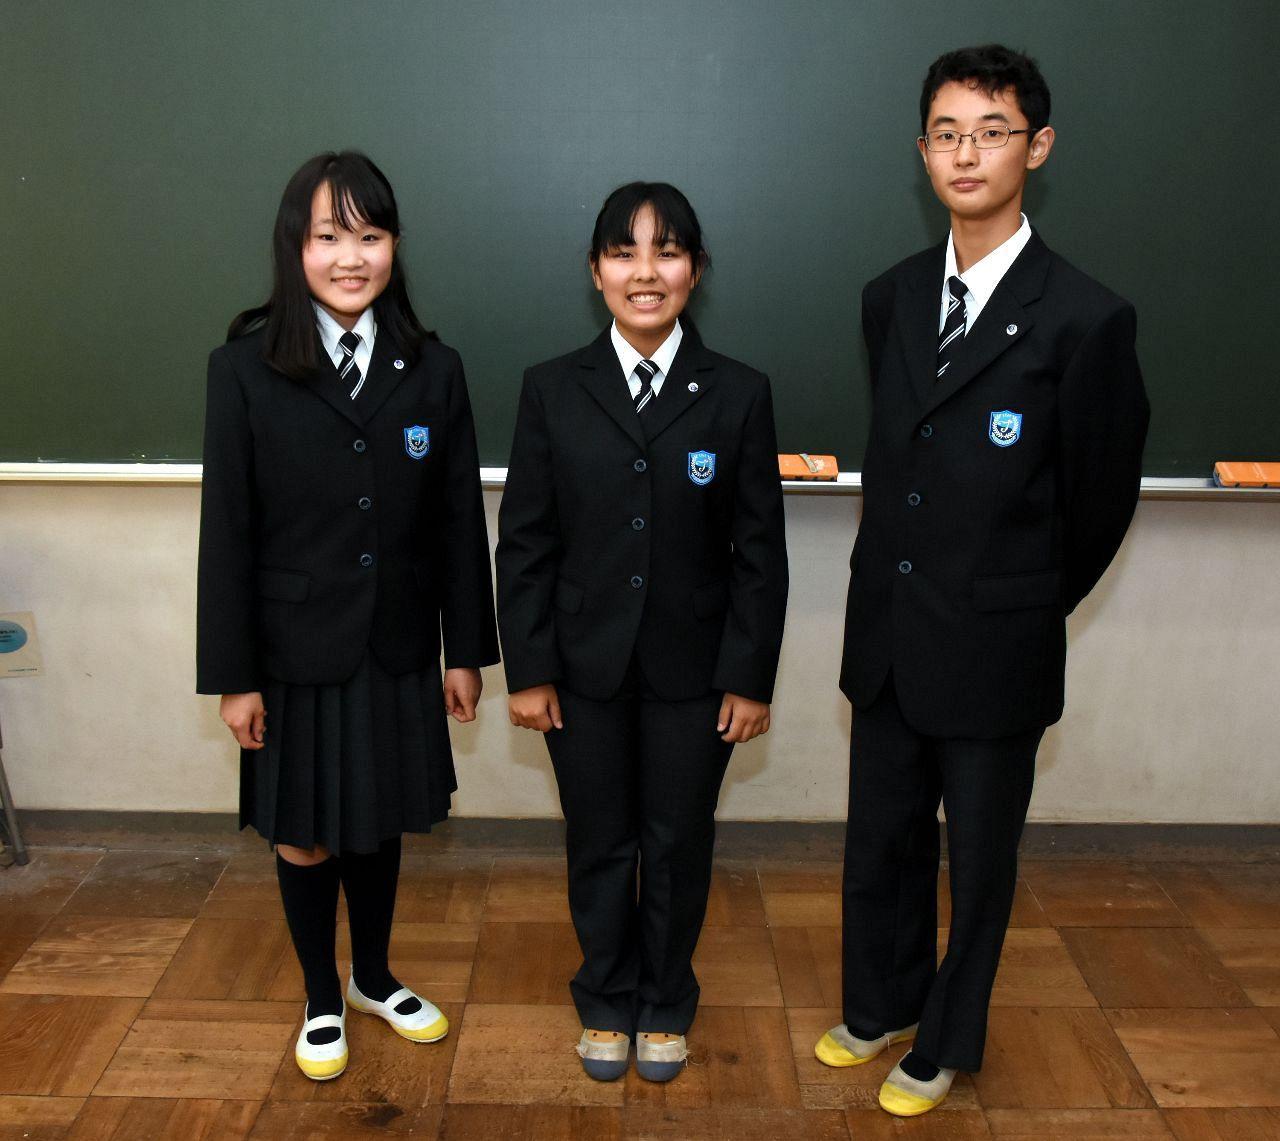 【中学校】女子の制服もスカートからスラックスへ → 校長「固定観念から解放、多様性を認めてあげてもいいのでは」 のサムネイル画像